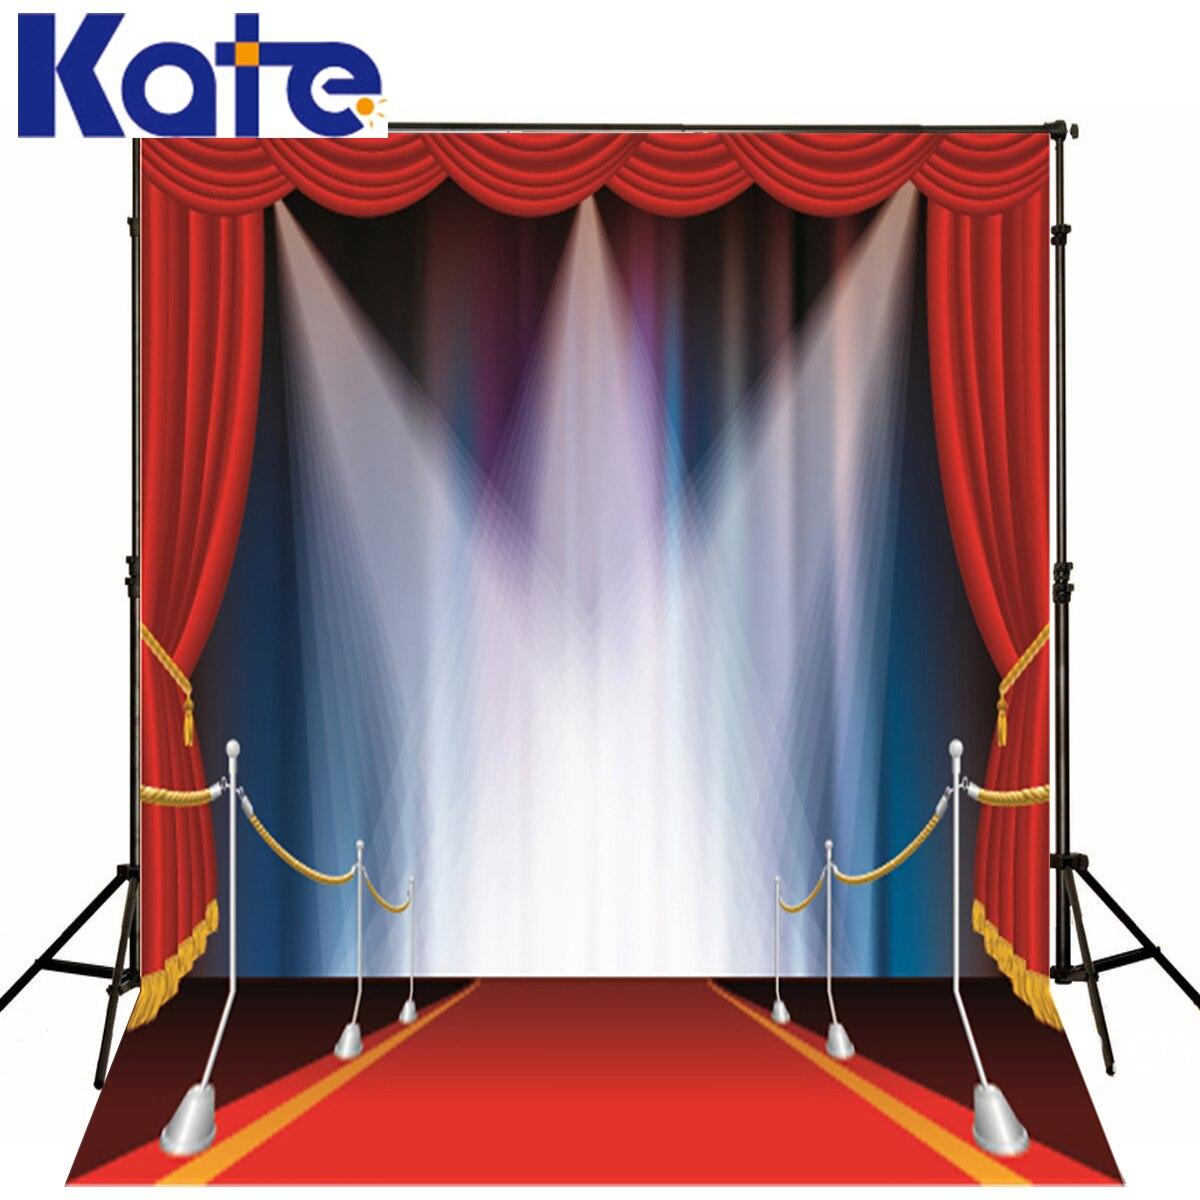 Kate fond photographique rouge rideau tapis rouge projecteur faisceau été espace décors garçon mariage 150x200 cm